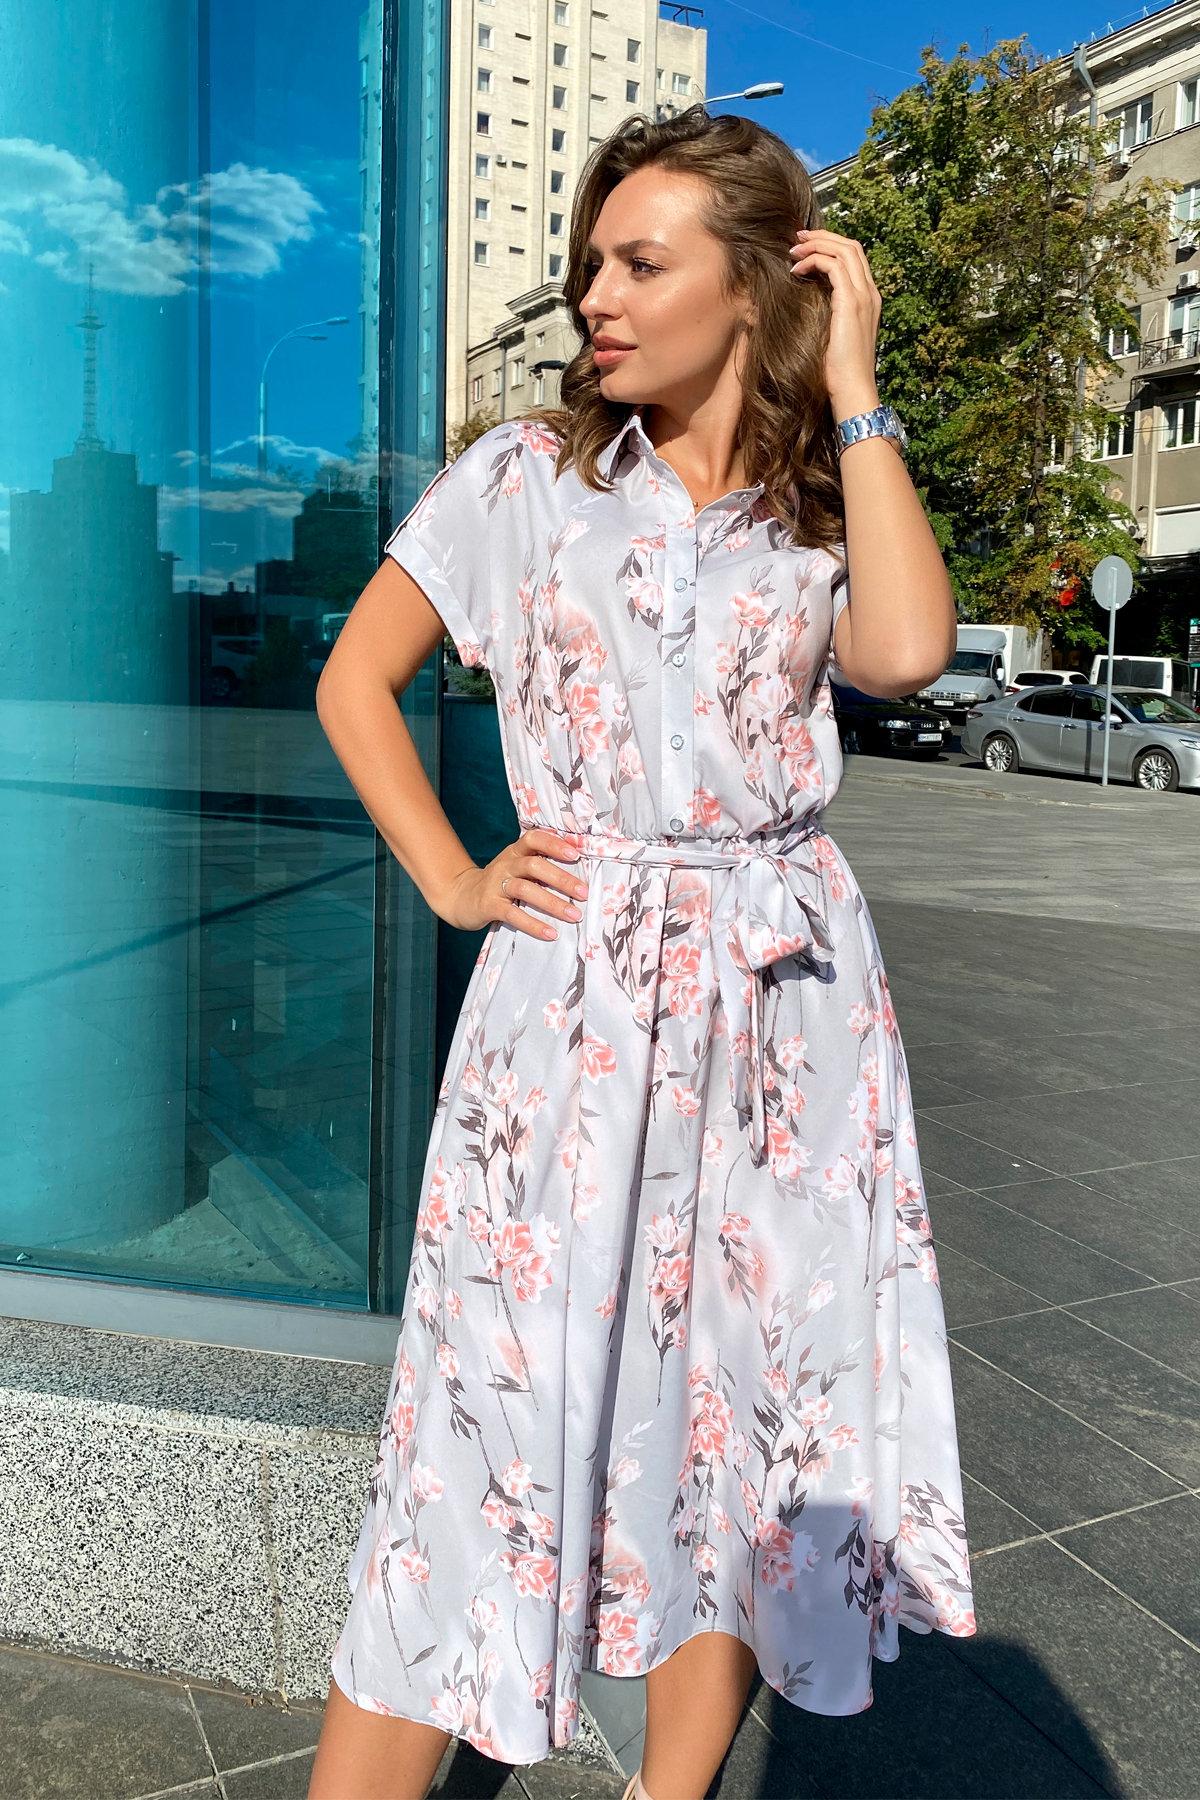 Платье Санжар 9090 АРТ. 45968 Цвет: Цветы на ветке серый/пудра - фото 7, интернет магазин tm-modus.ru